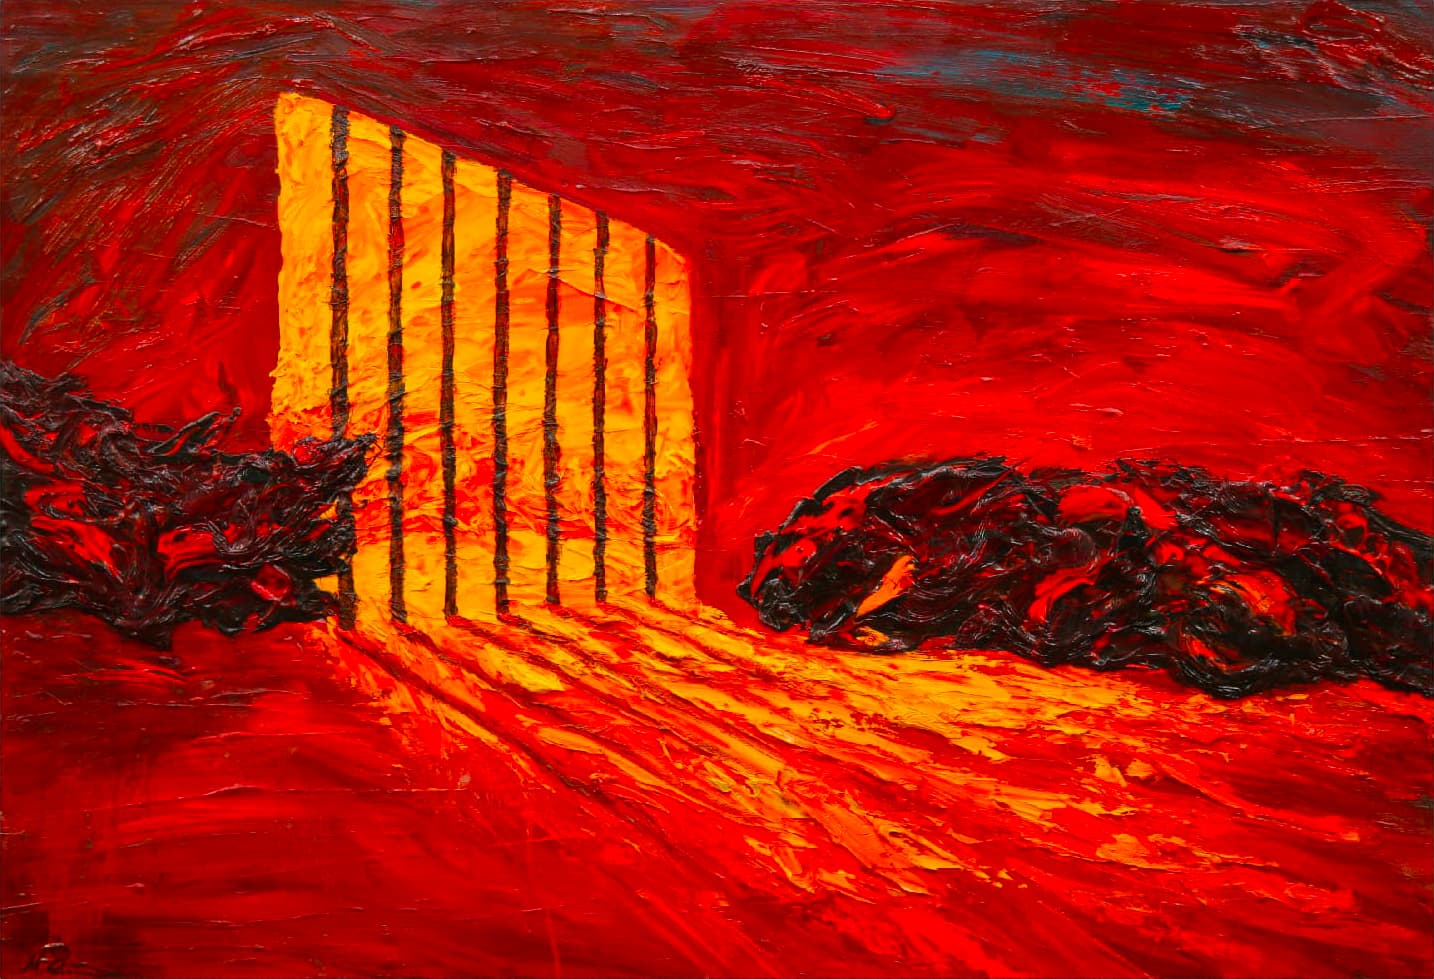 MIMMO-CENTONZE-182-Prigione-2011-Olio-e-alchidico-su-tela-90x130-cm